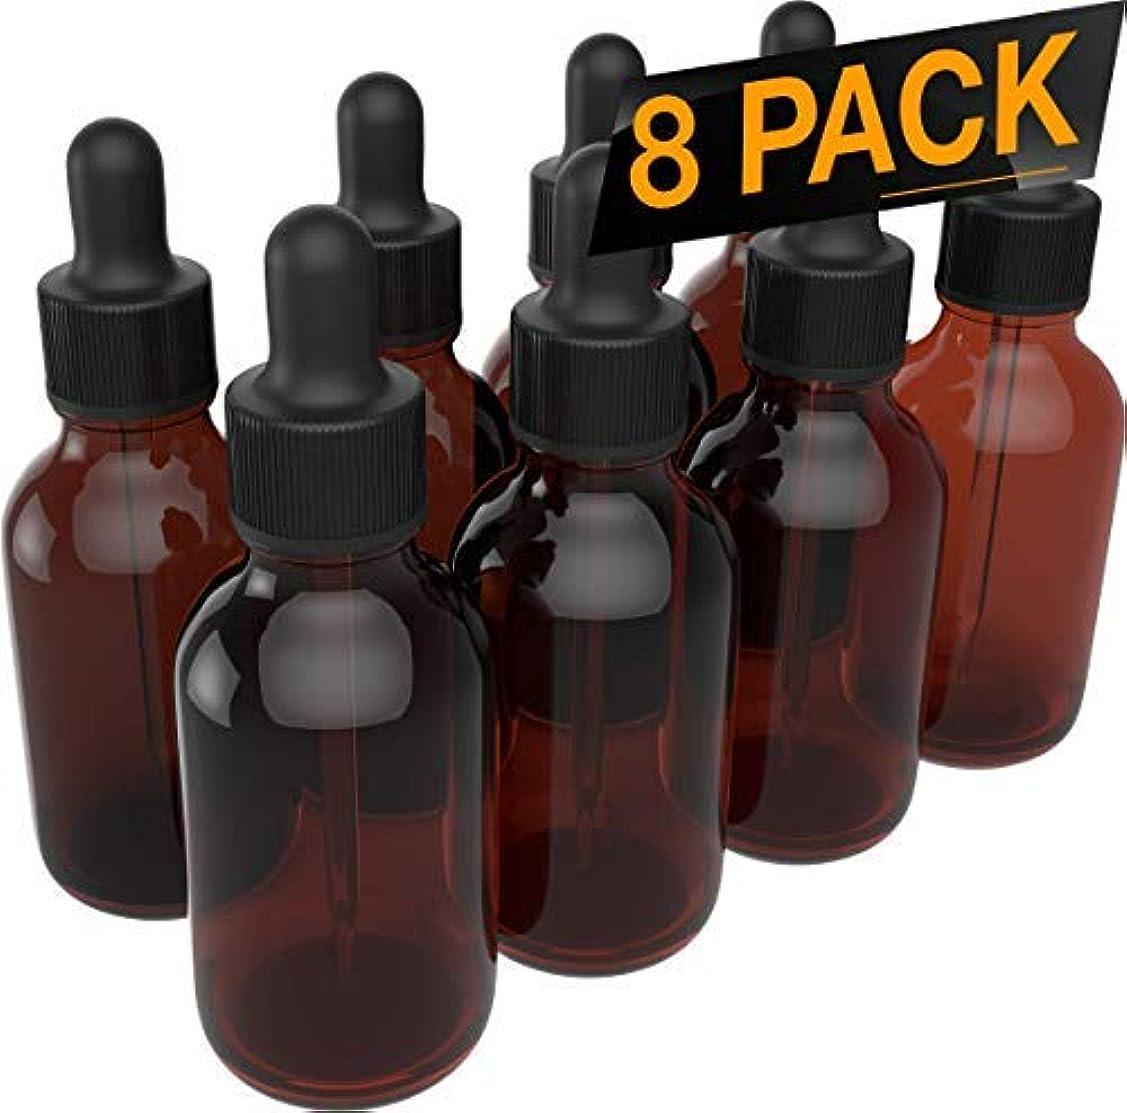 レイ矢印直立8 Pack Essential Oil Dropper Bottles - Round Boston Empty Refillable Amber Bottle with Glass Dropper for Liquid...